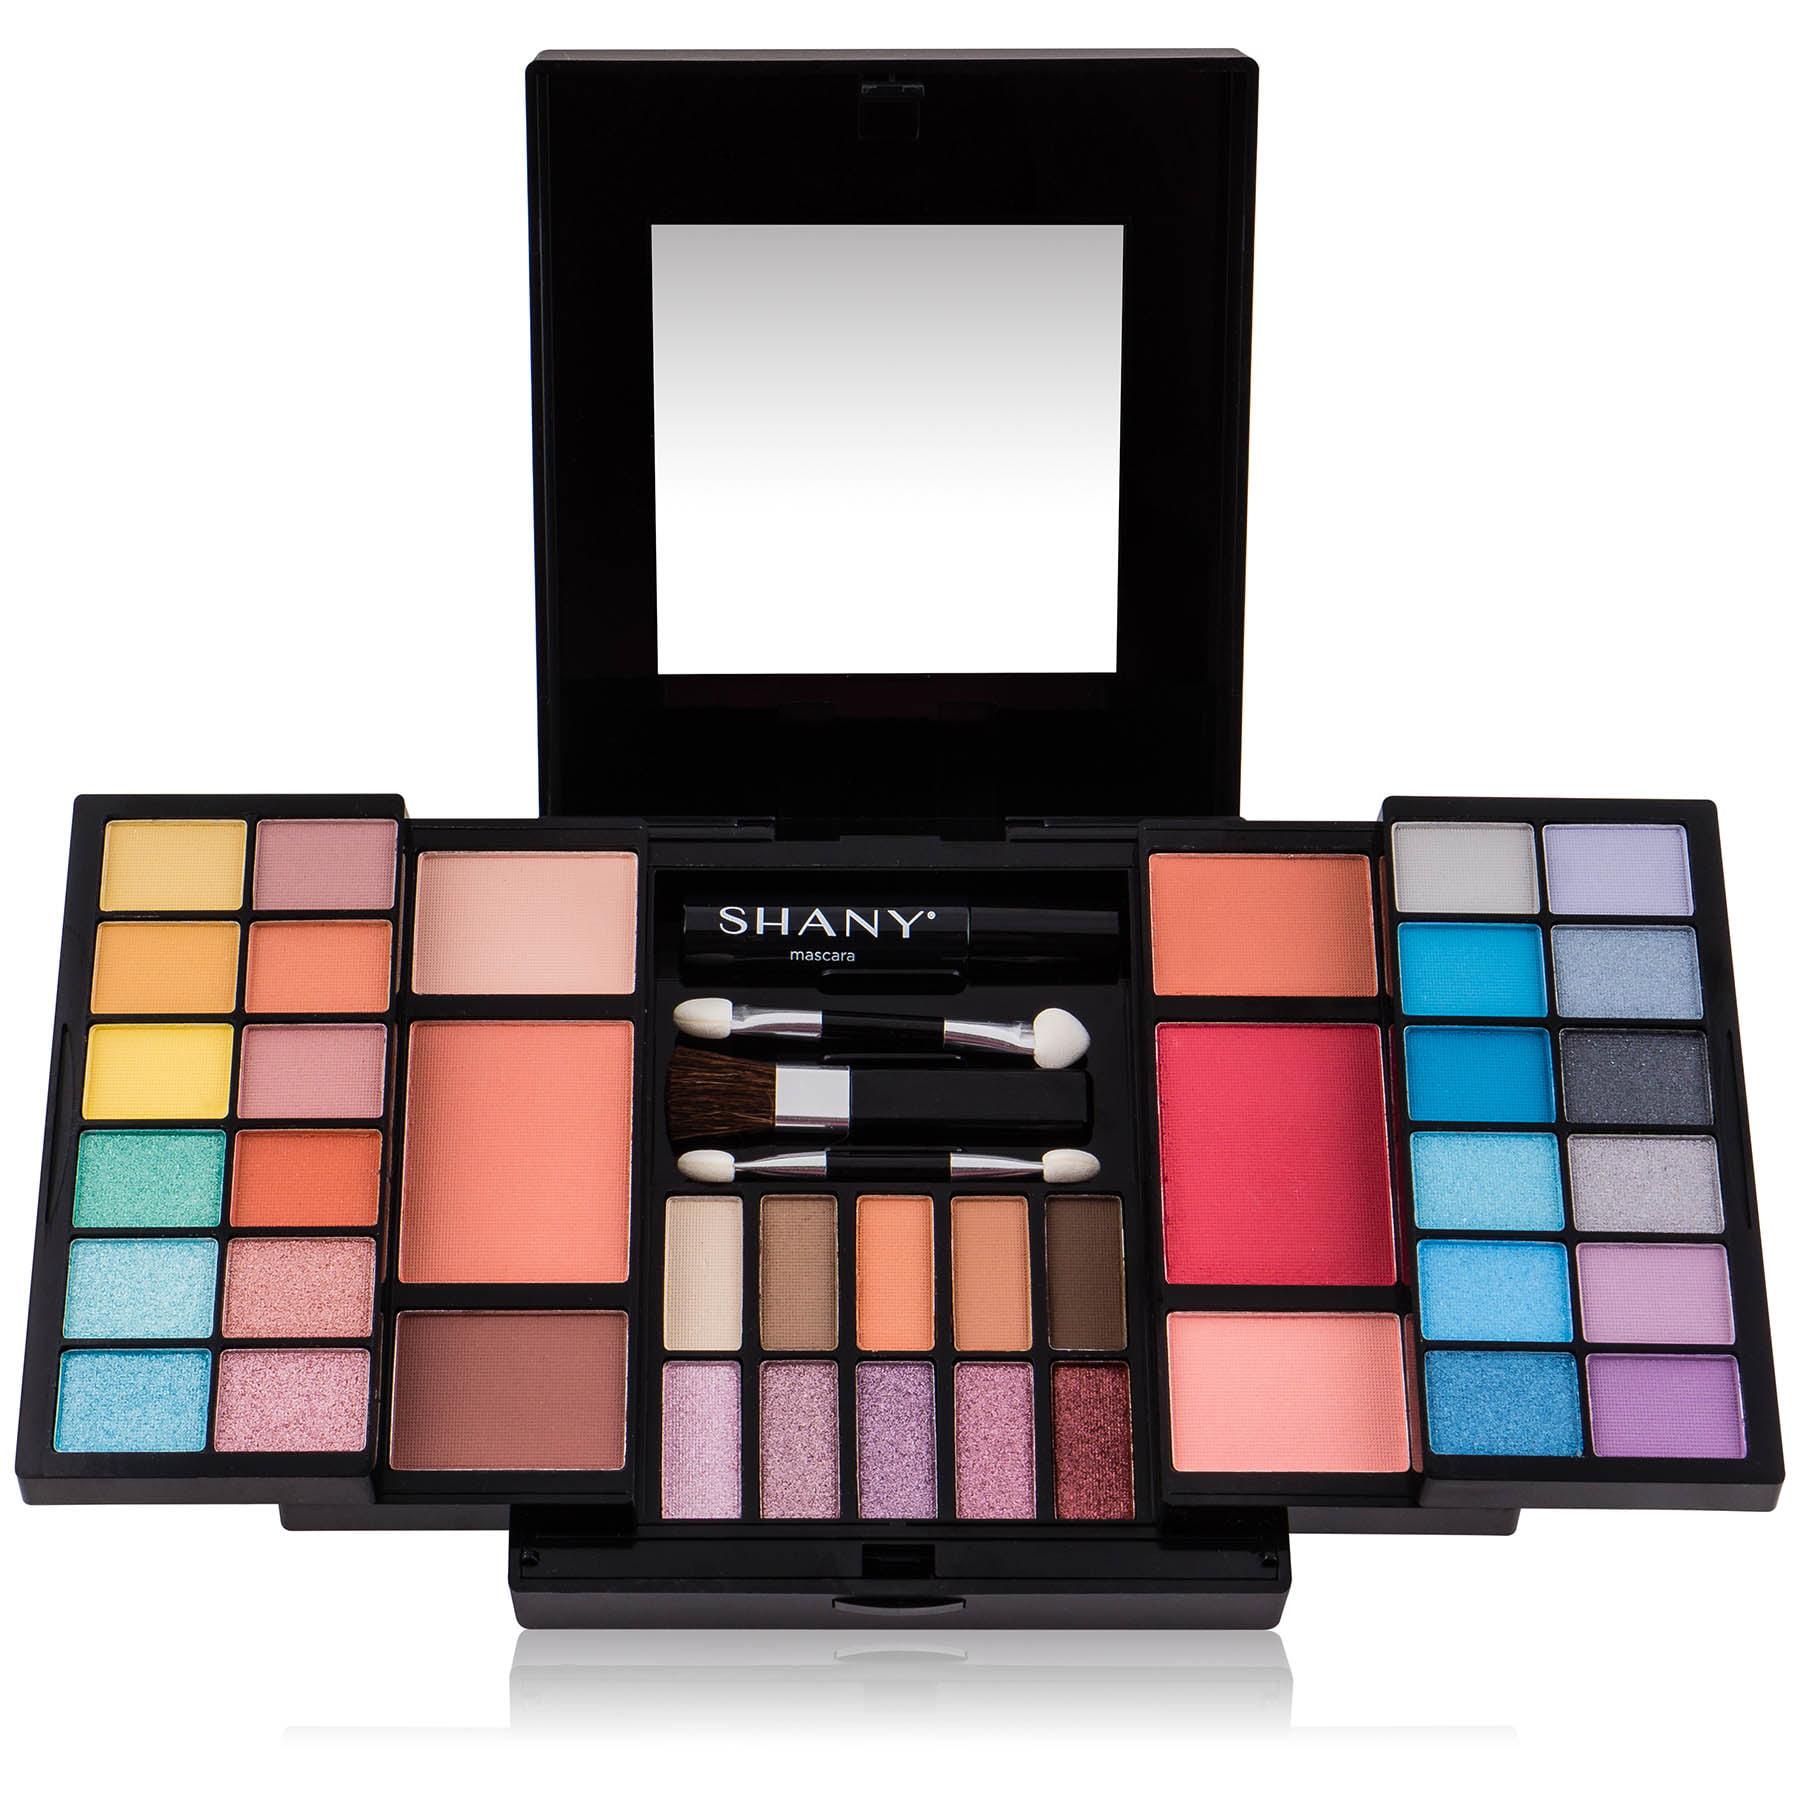 SHANY 'Timeless Beauty' Makeup Kit, 44 pc